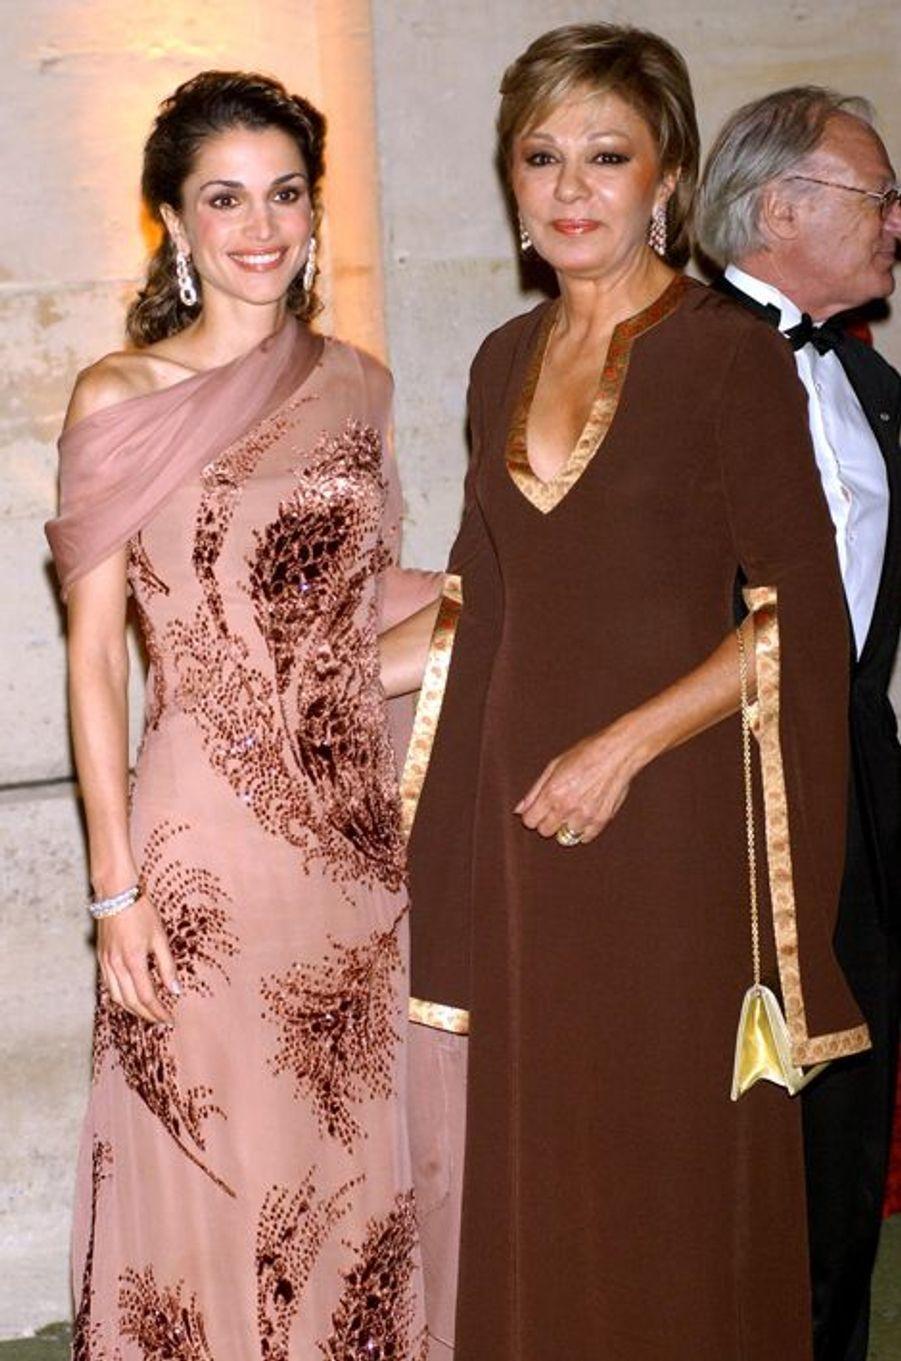 La reine Rania de Jordanie avec l'ancienne impératrice d'Iran Farah Dibah au château de Versailles, le 3 septembre 2002